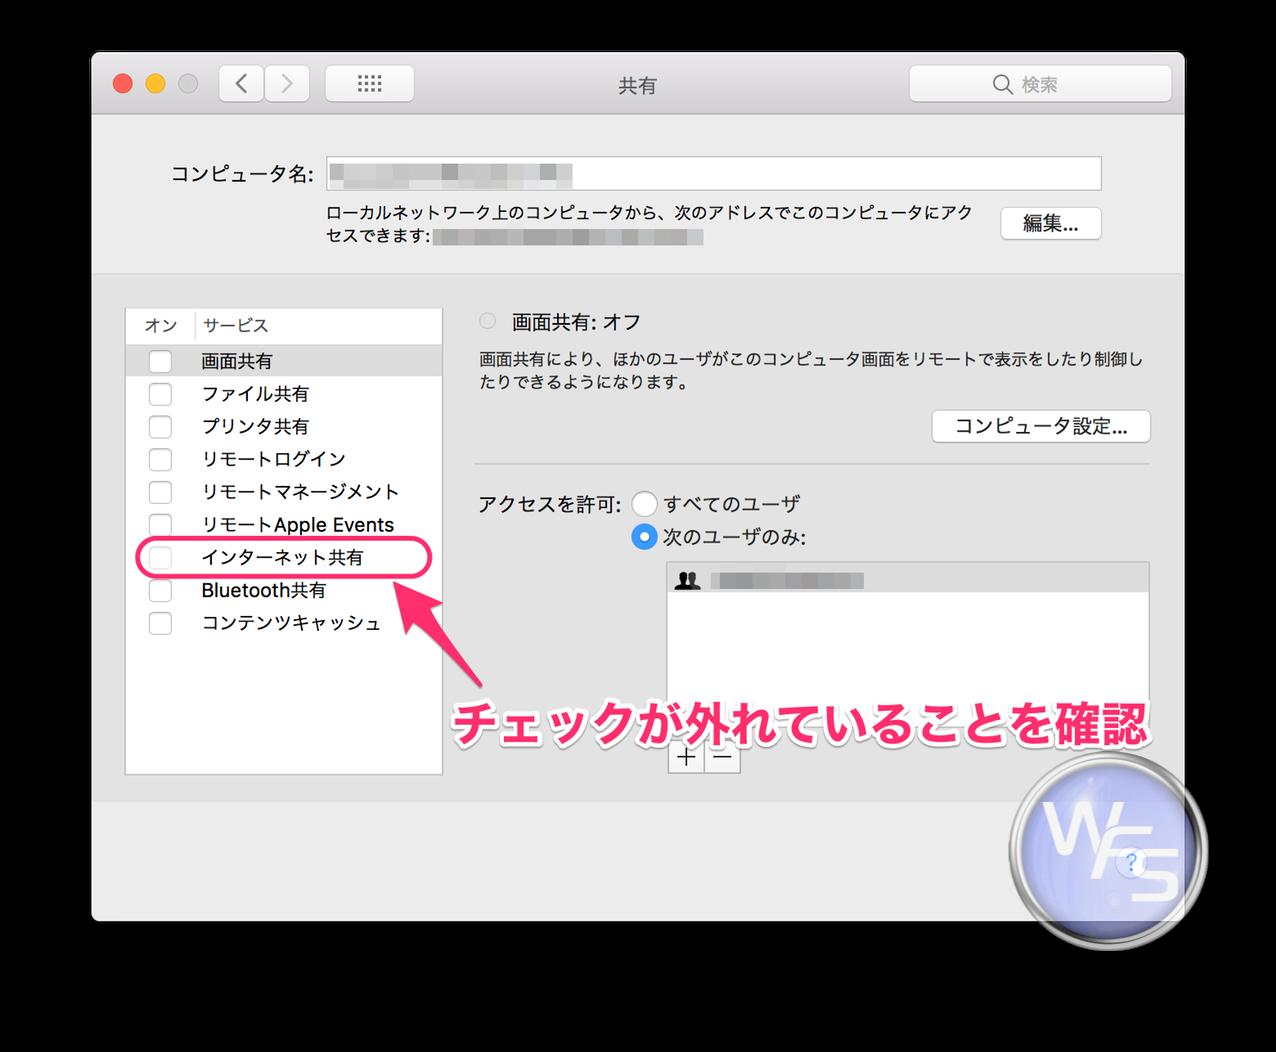 Dropbox xampp mamp mac setting01